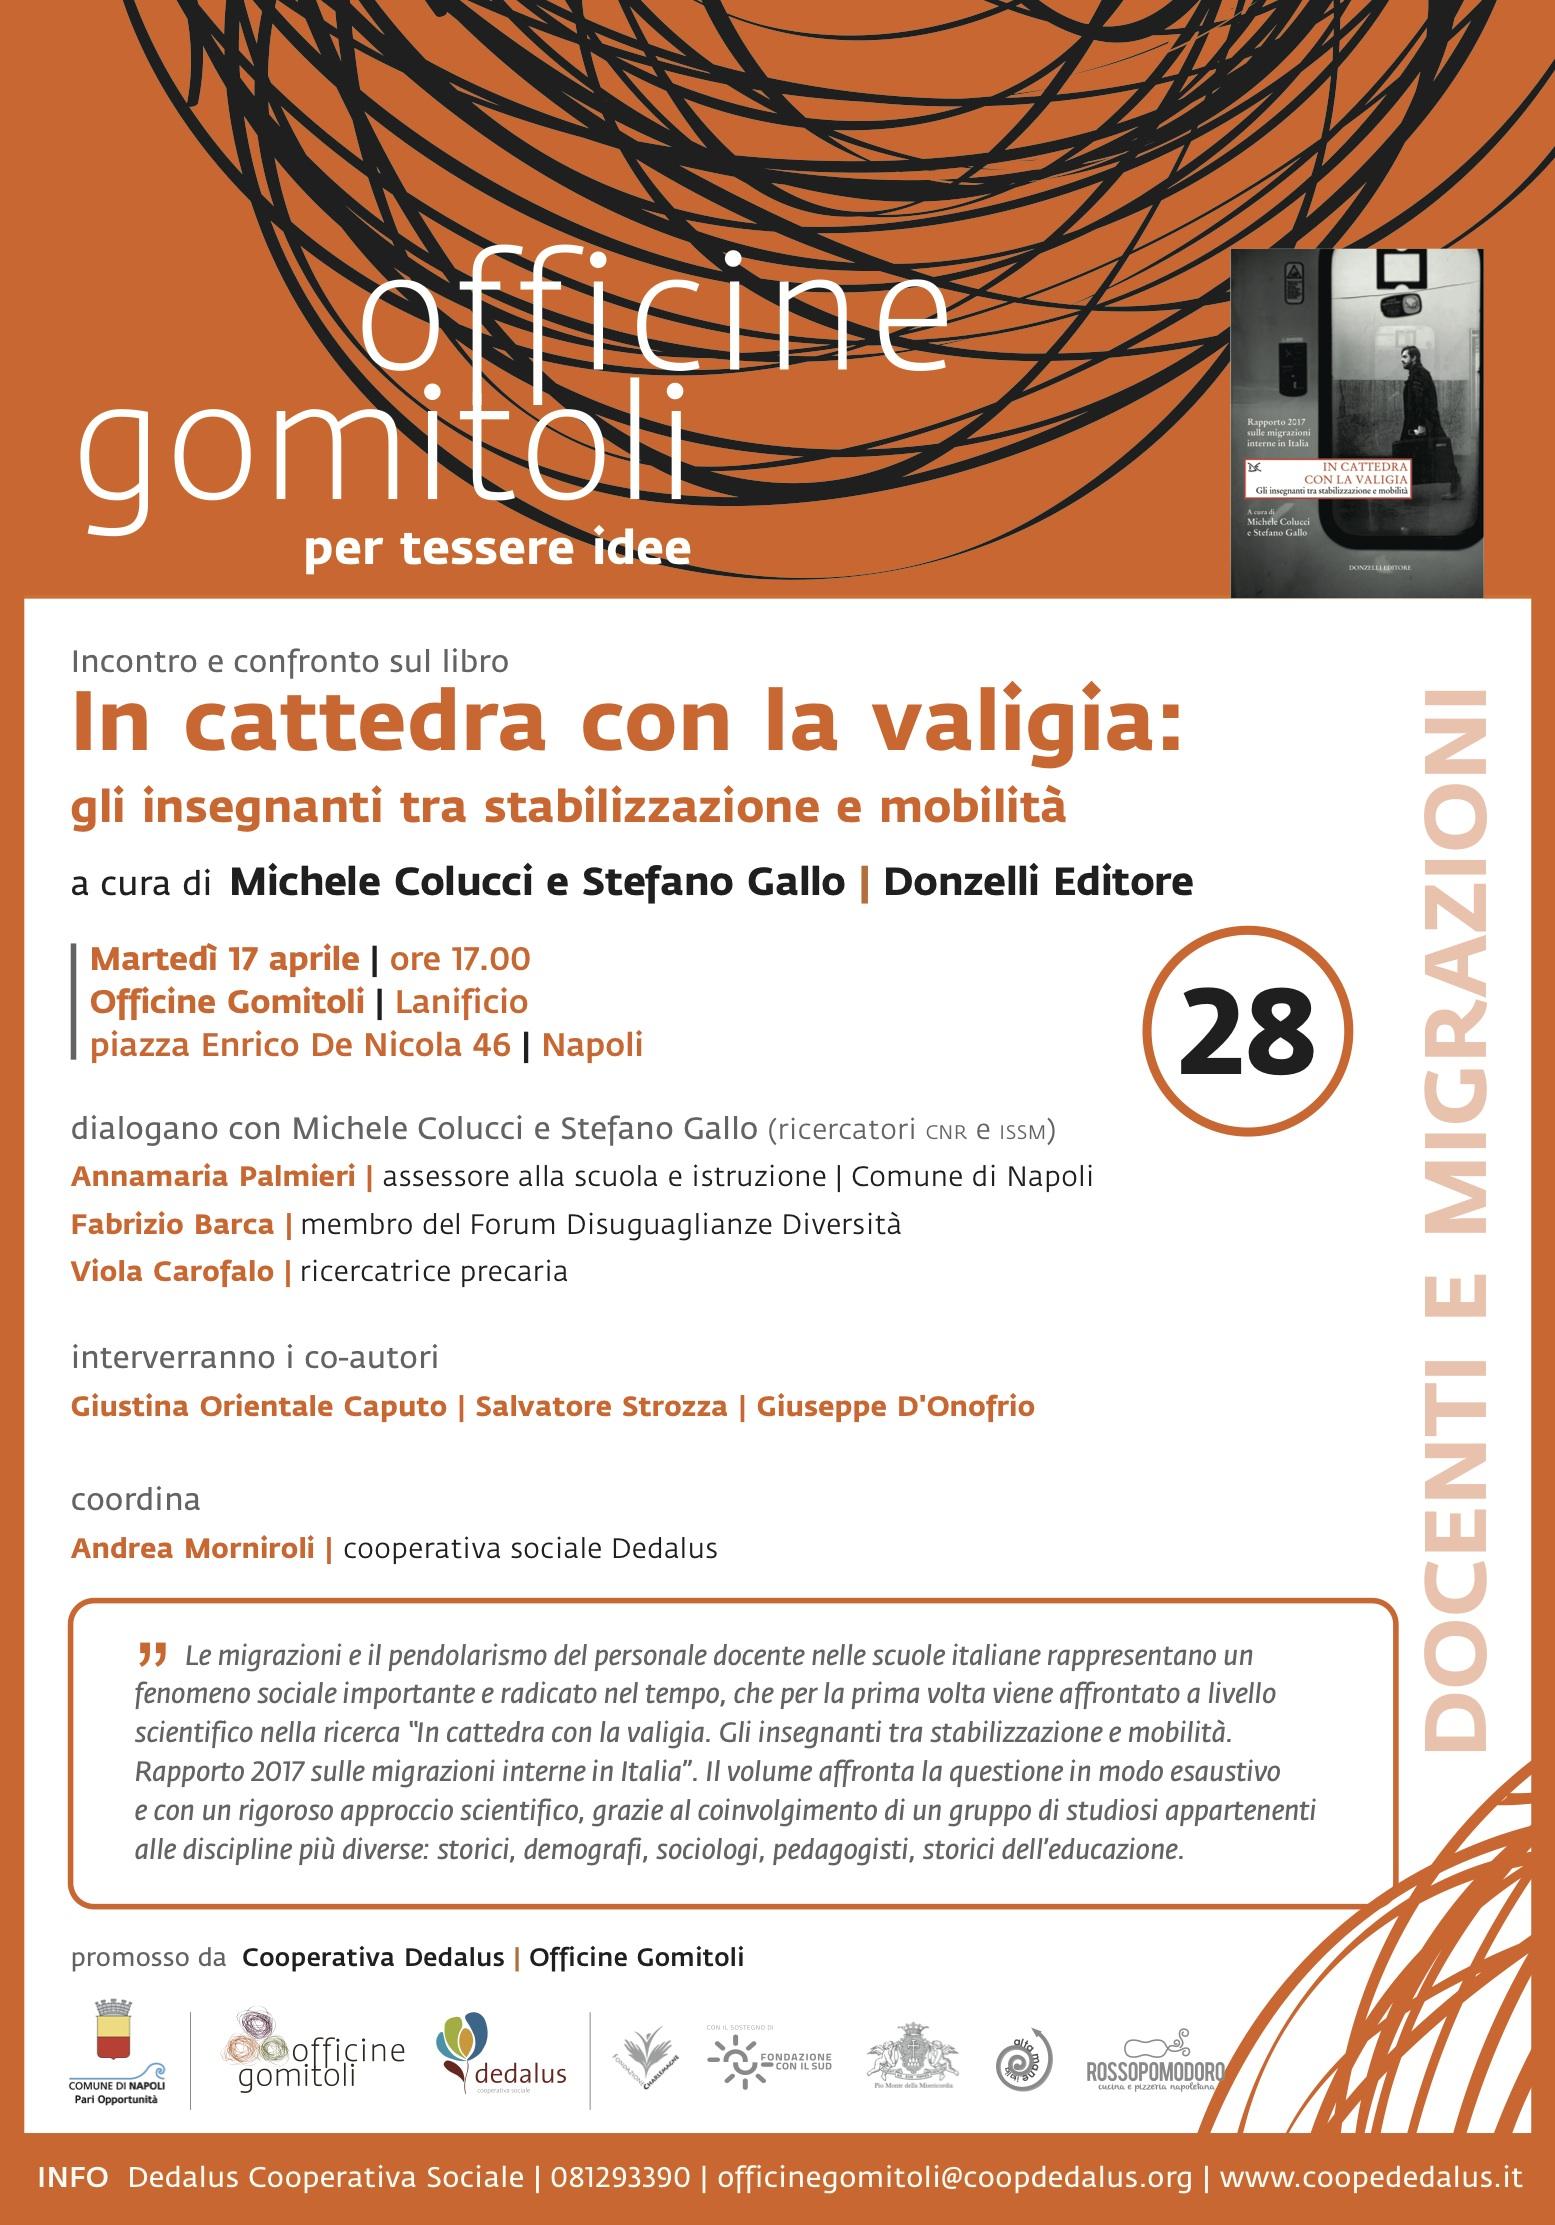 28.17_04_2018-IN-CATTEDRA-CON-VALIGIA_mod